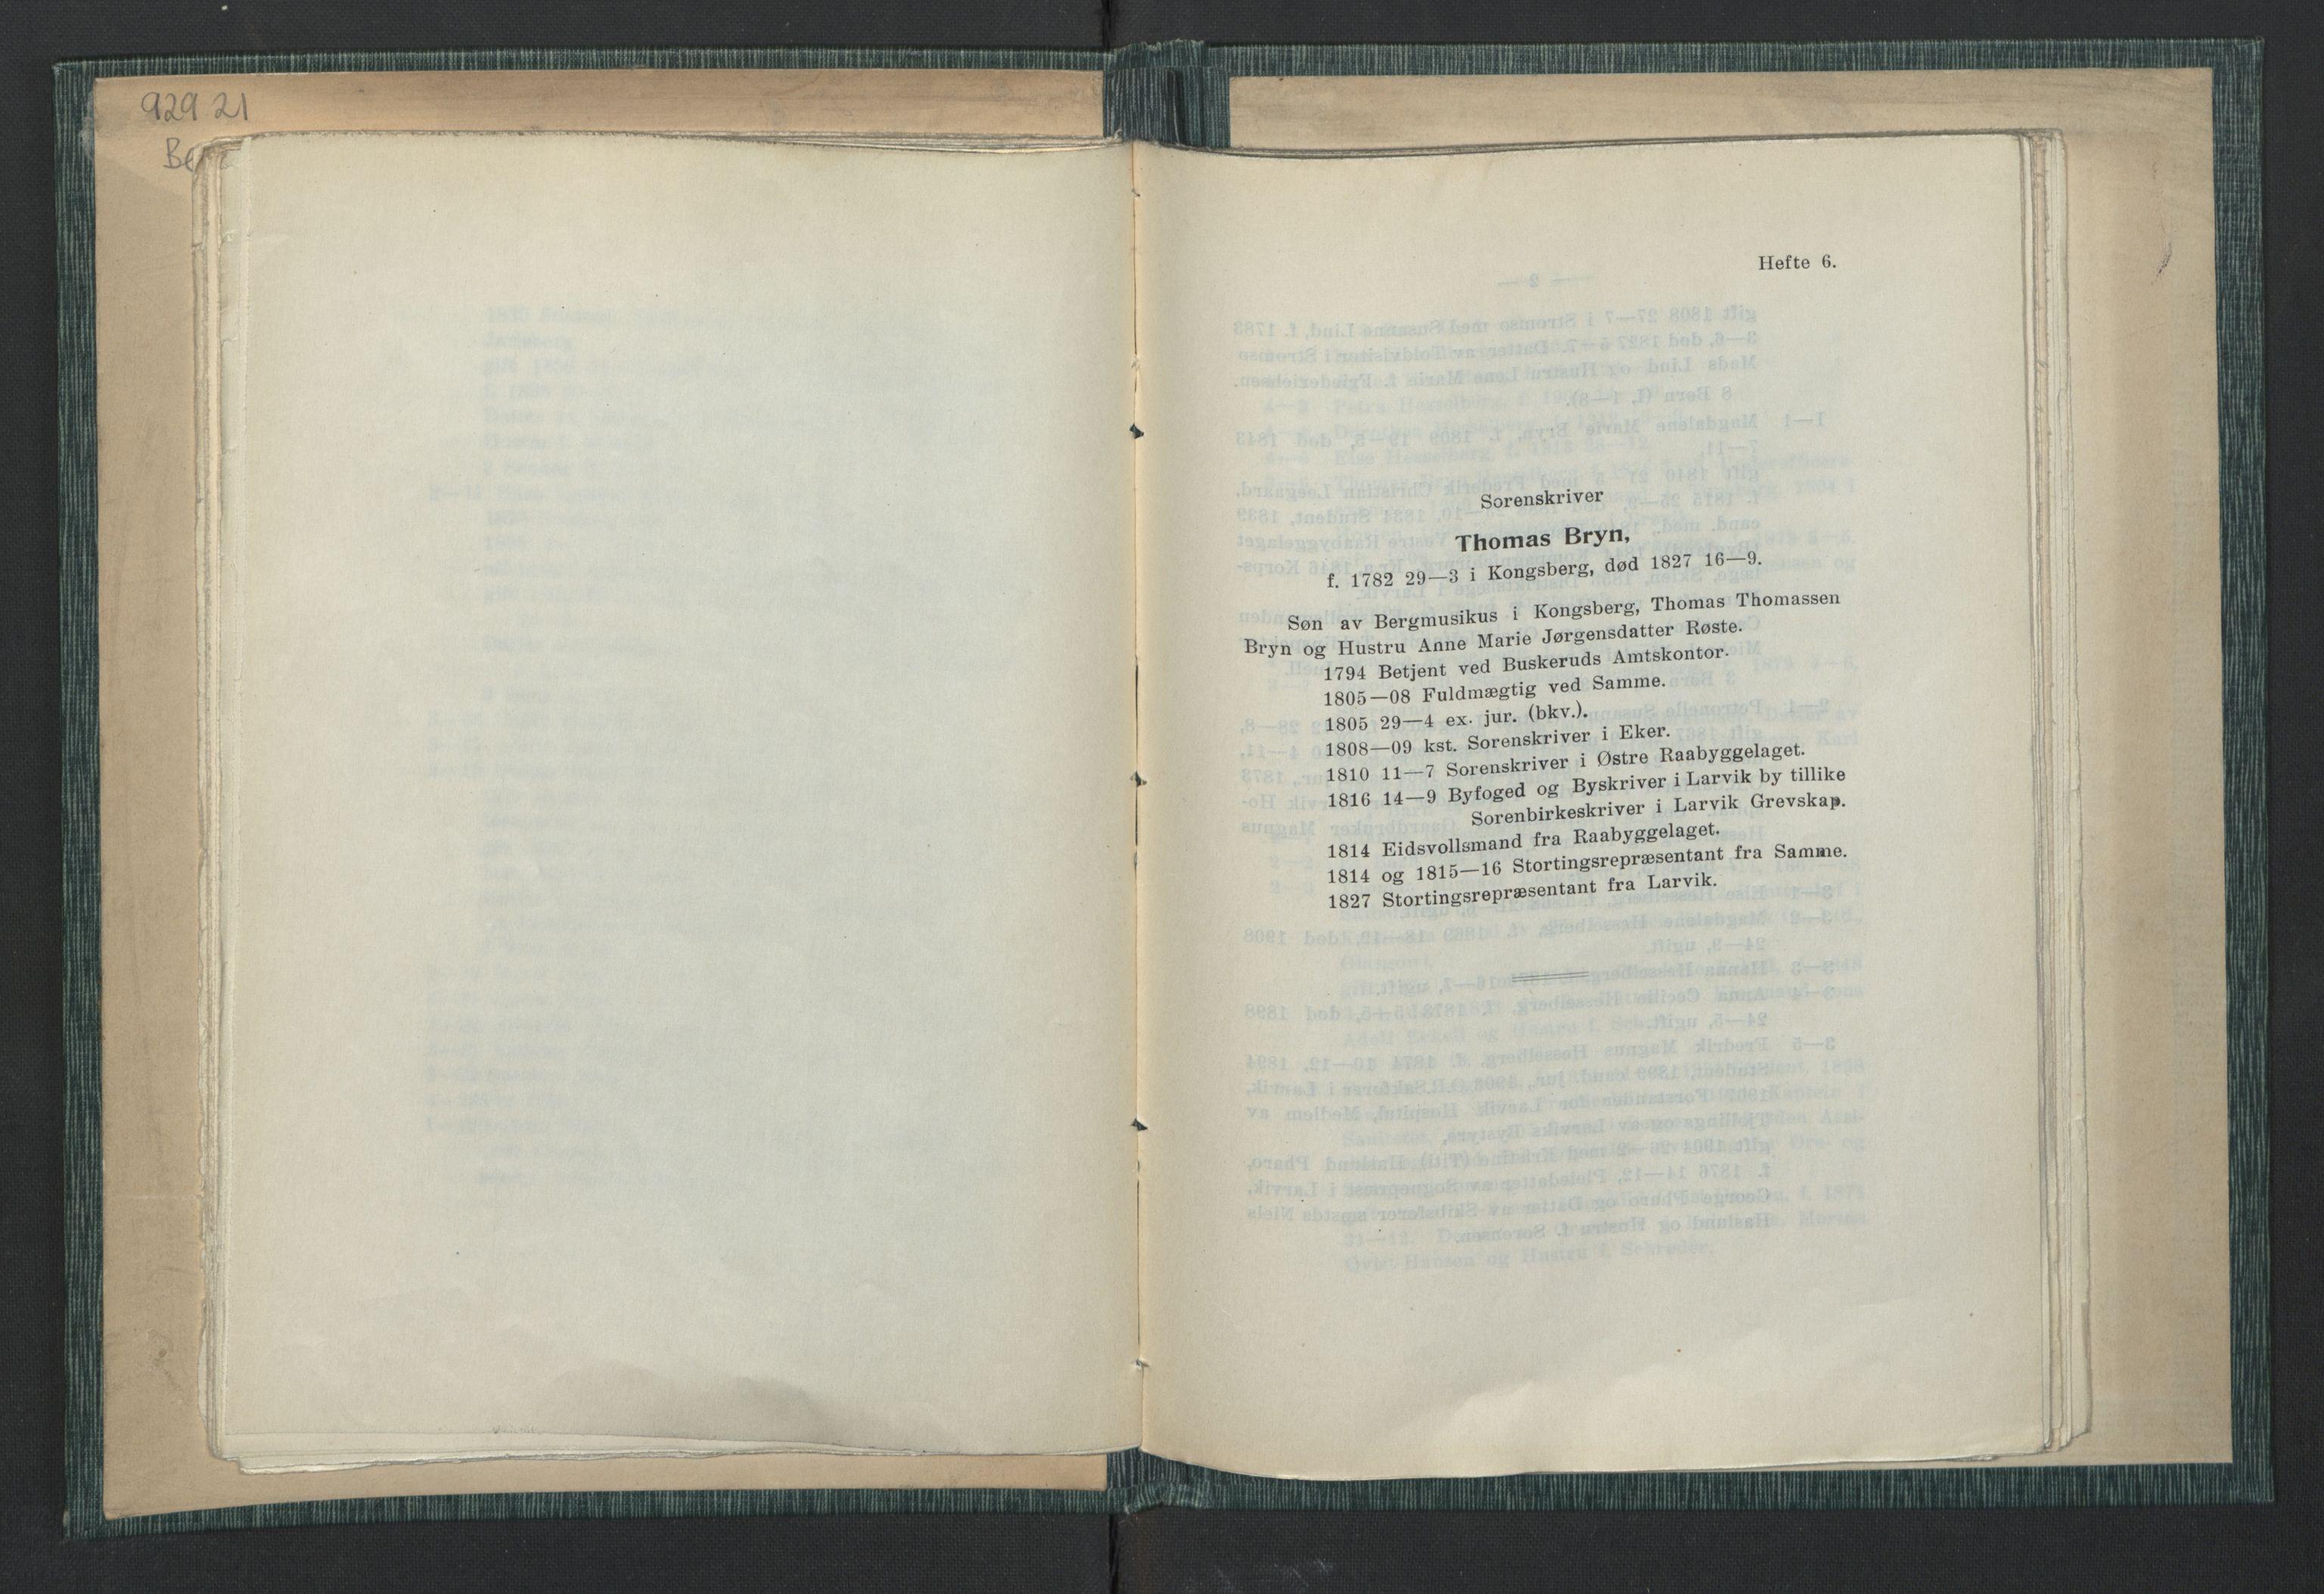 RA, Publikasjoner*, 1914, s. 25